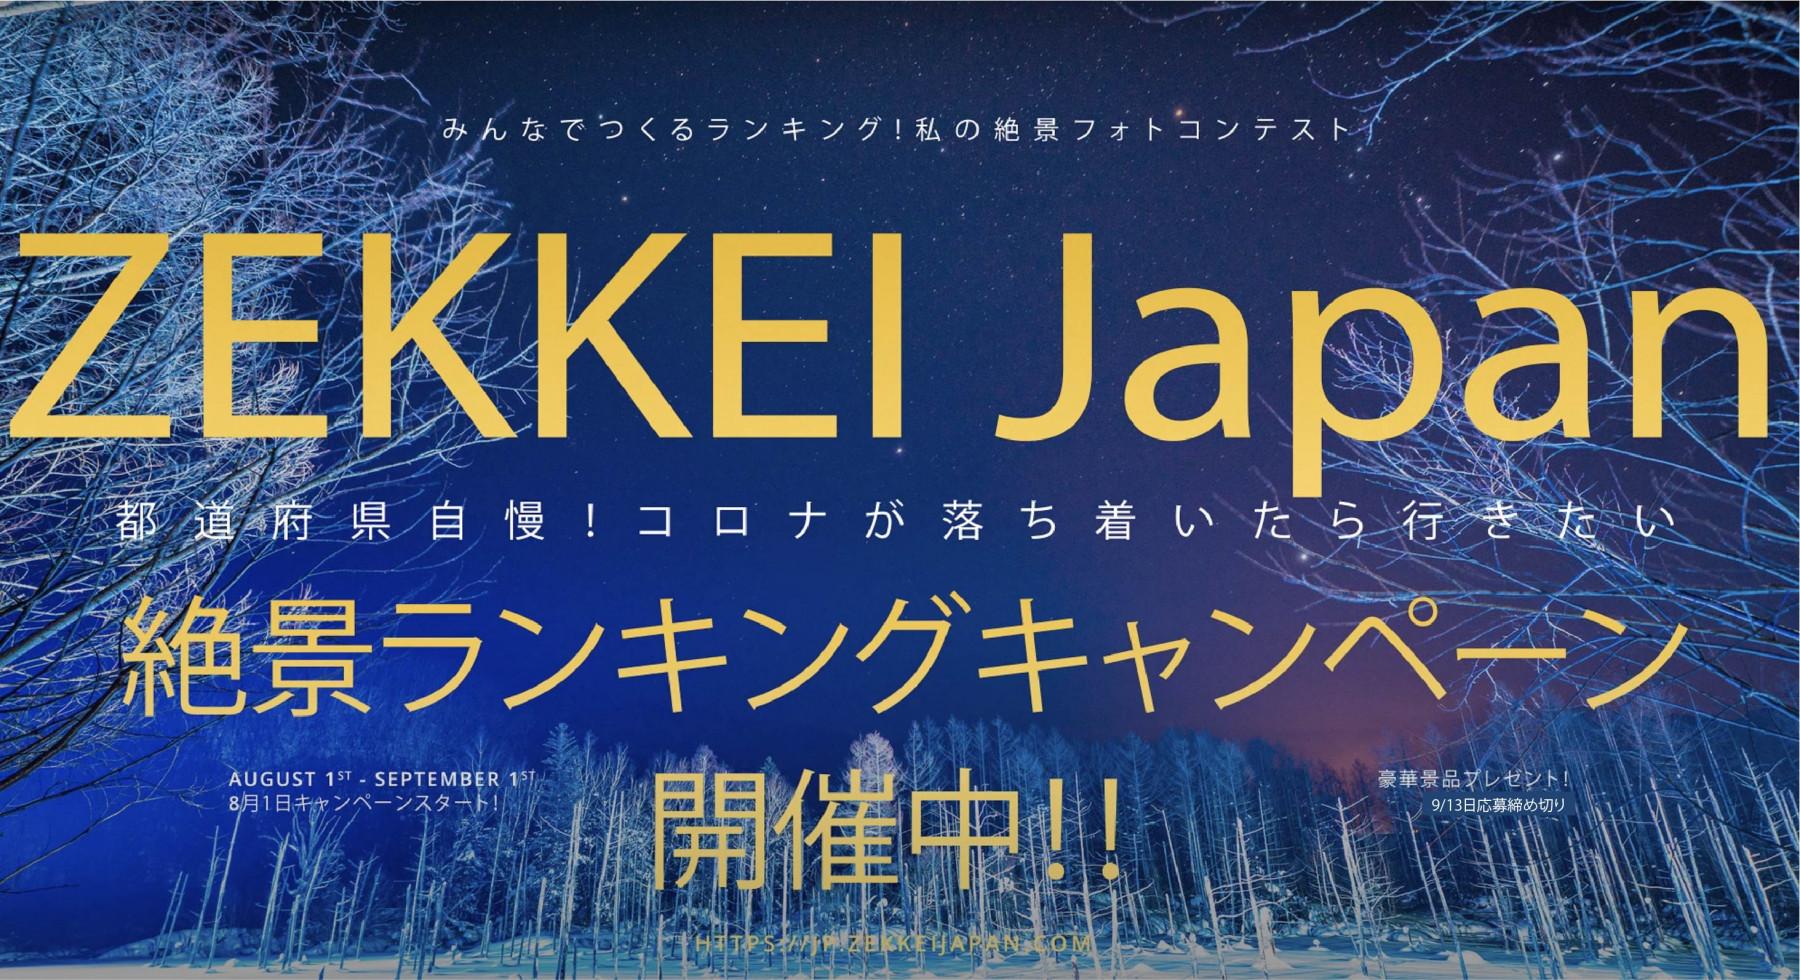 特別審査員長にアサヒカメラ前編集長の佐々木広人氏が就任!第1回ZEKKEI Japanフォトコンテスト9月13日まで開催中